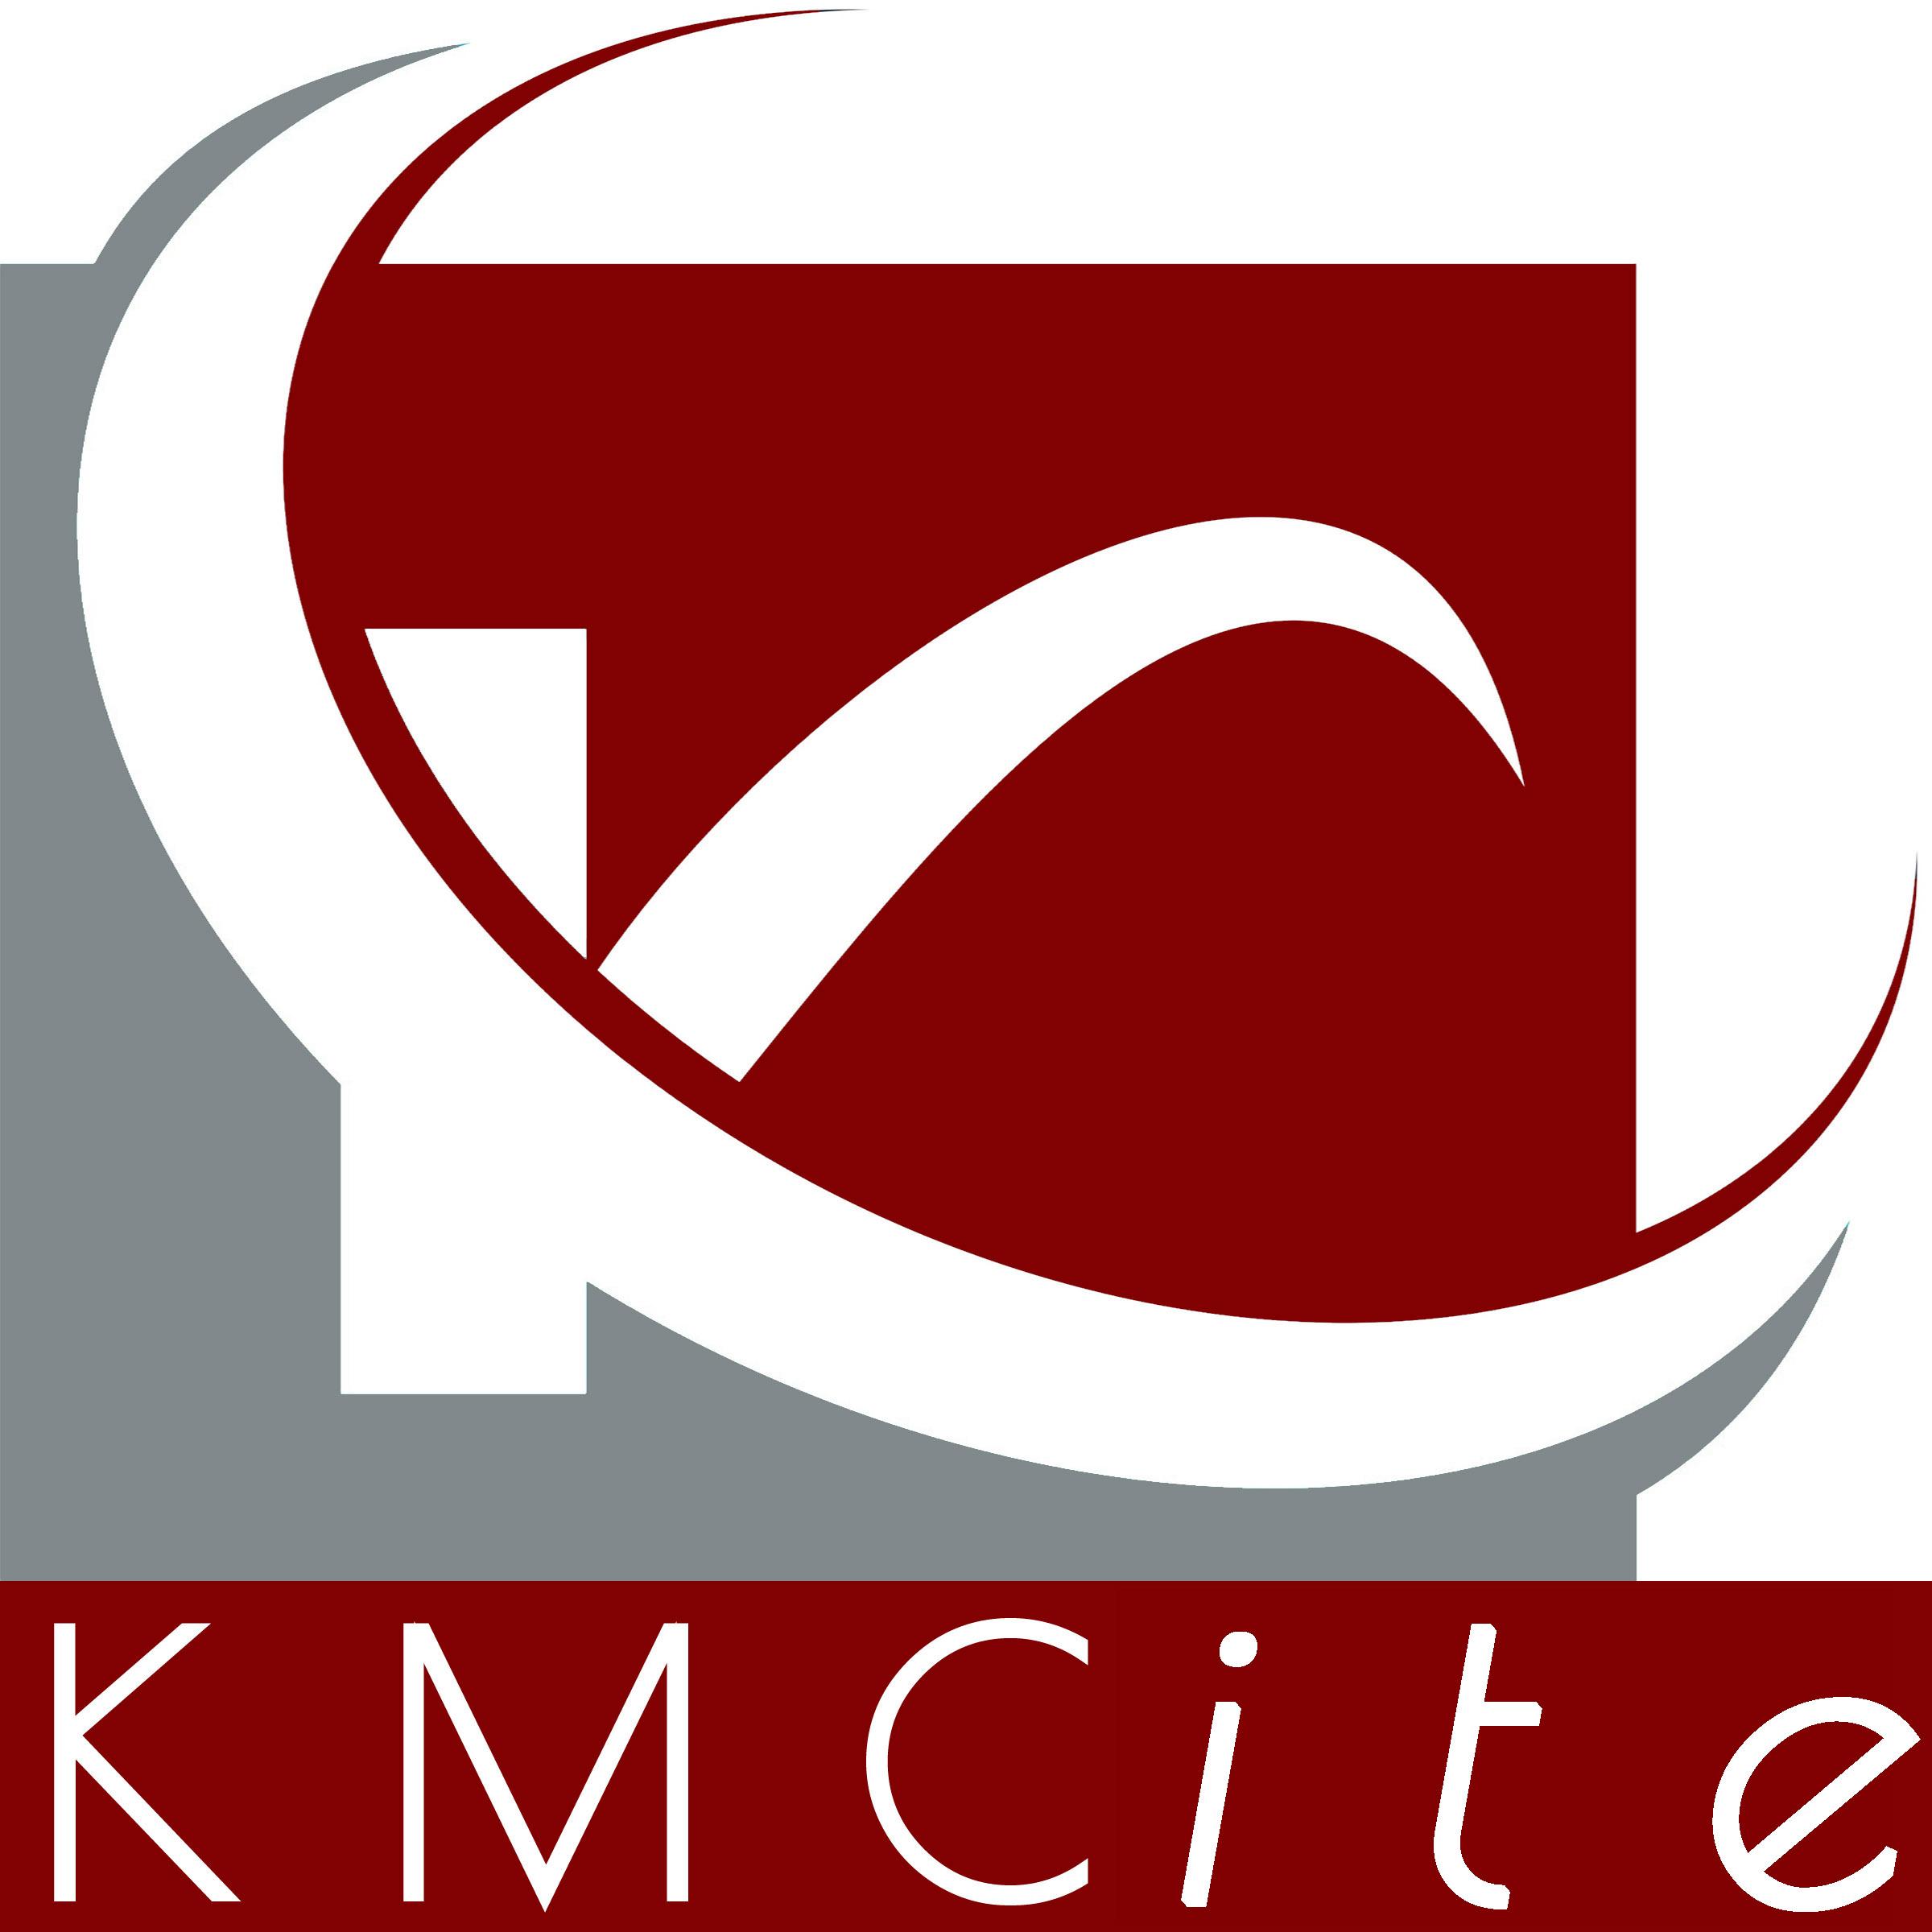 https://www.kmc.edu.pk/new/kmcite/